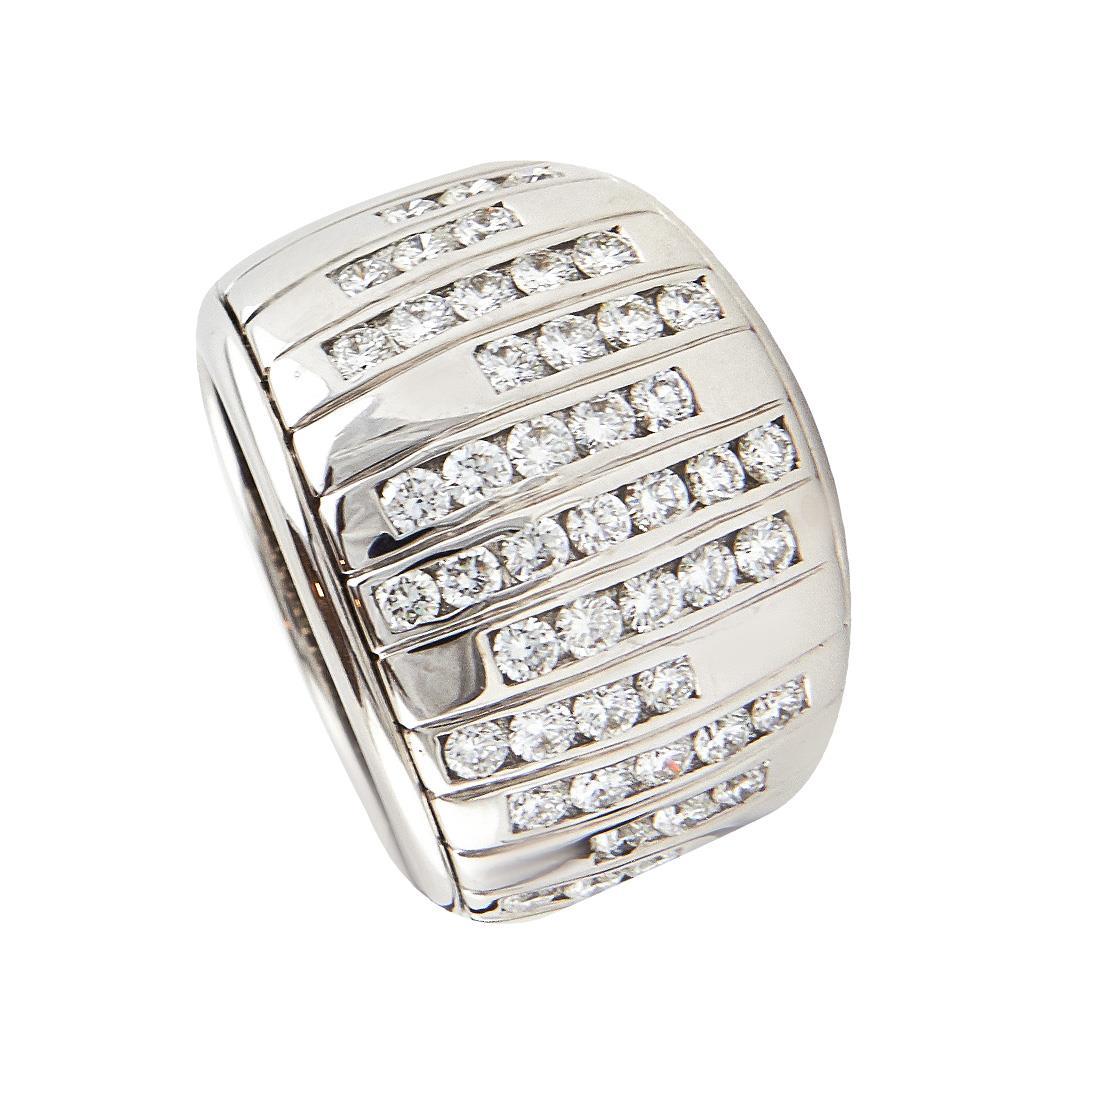 Anello in oro bianco con diamanti ct 1.55 - DAMIANI